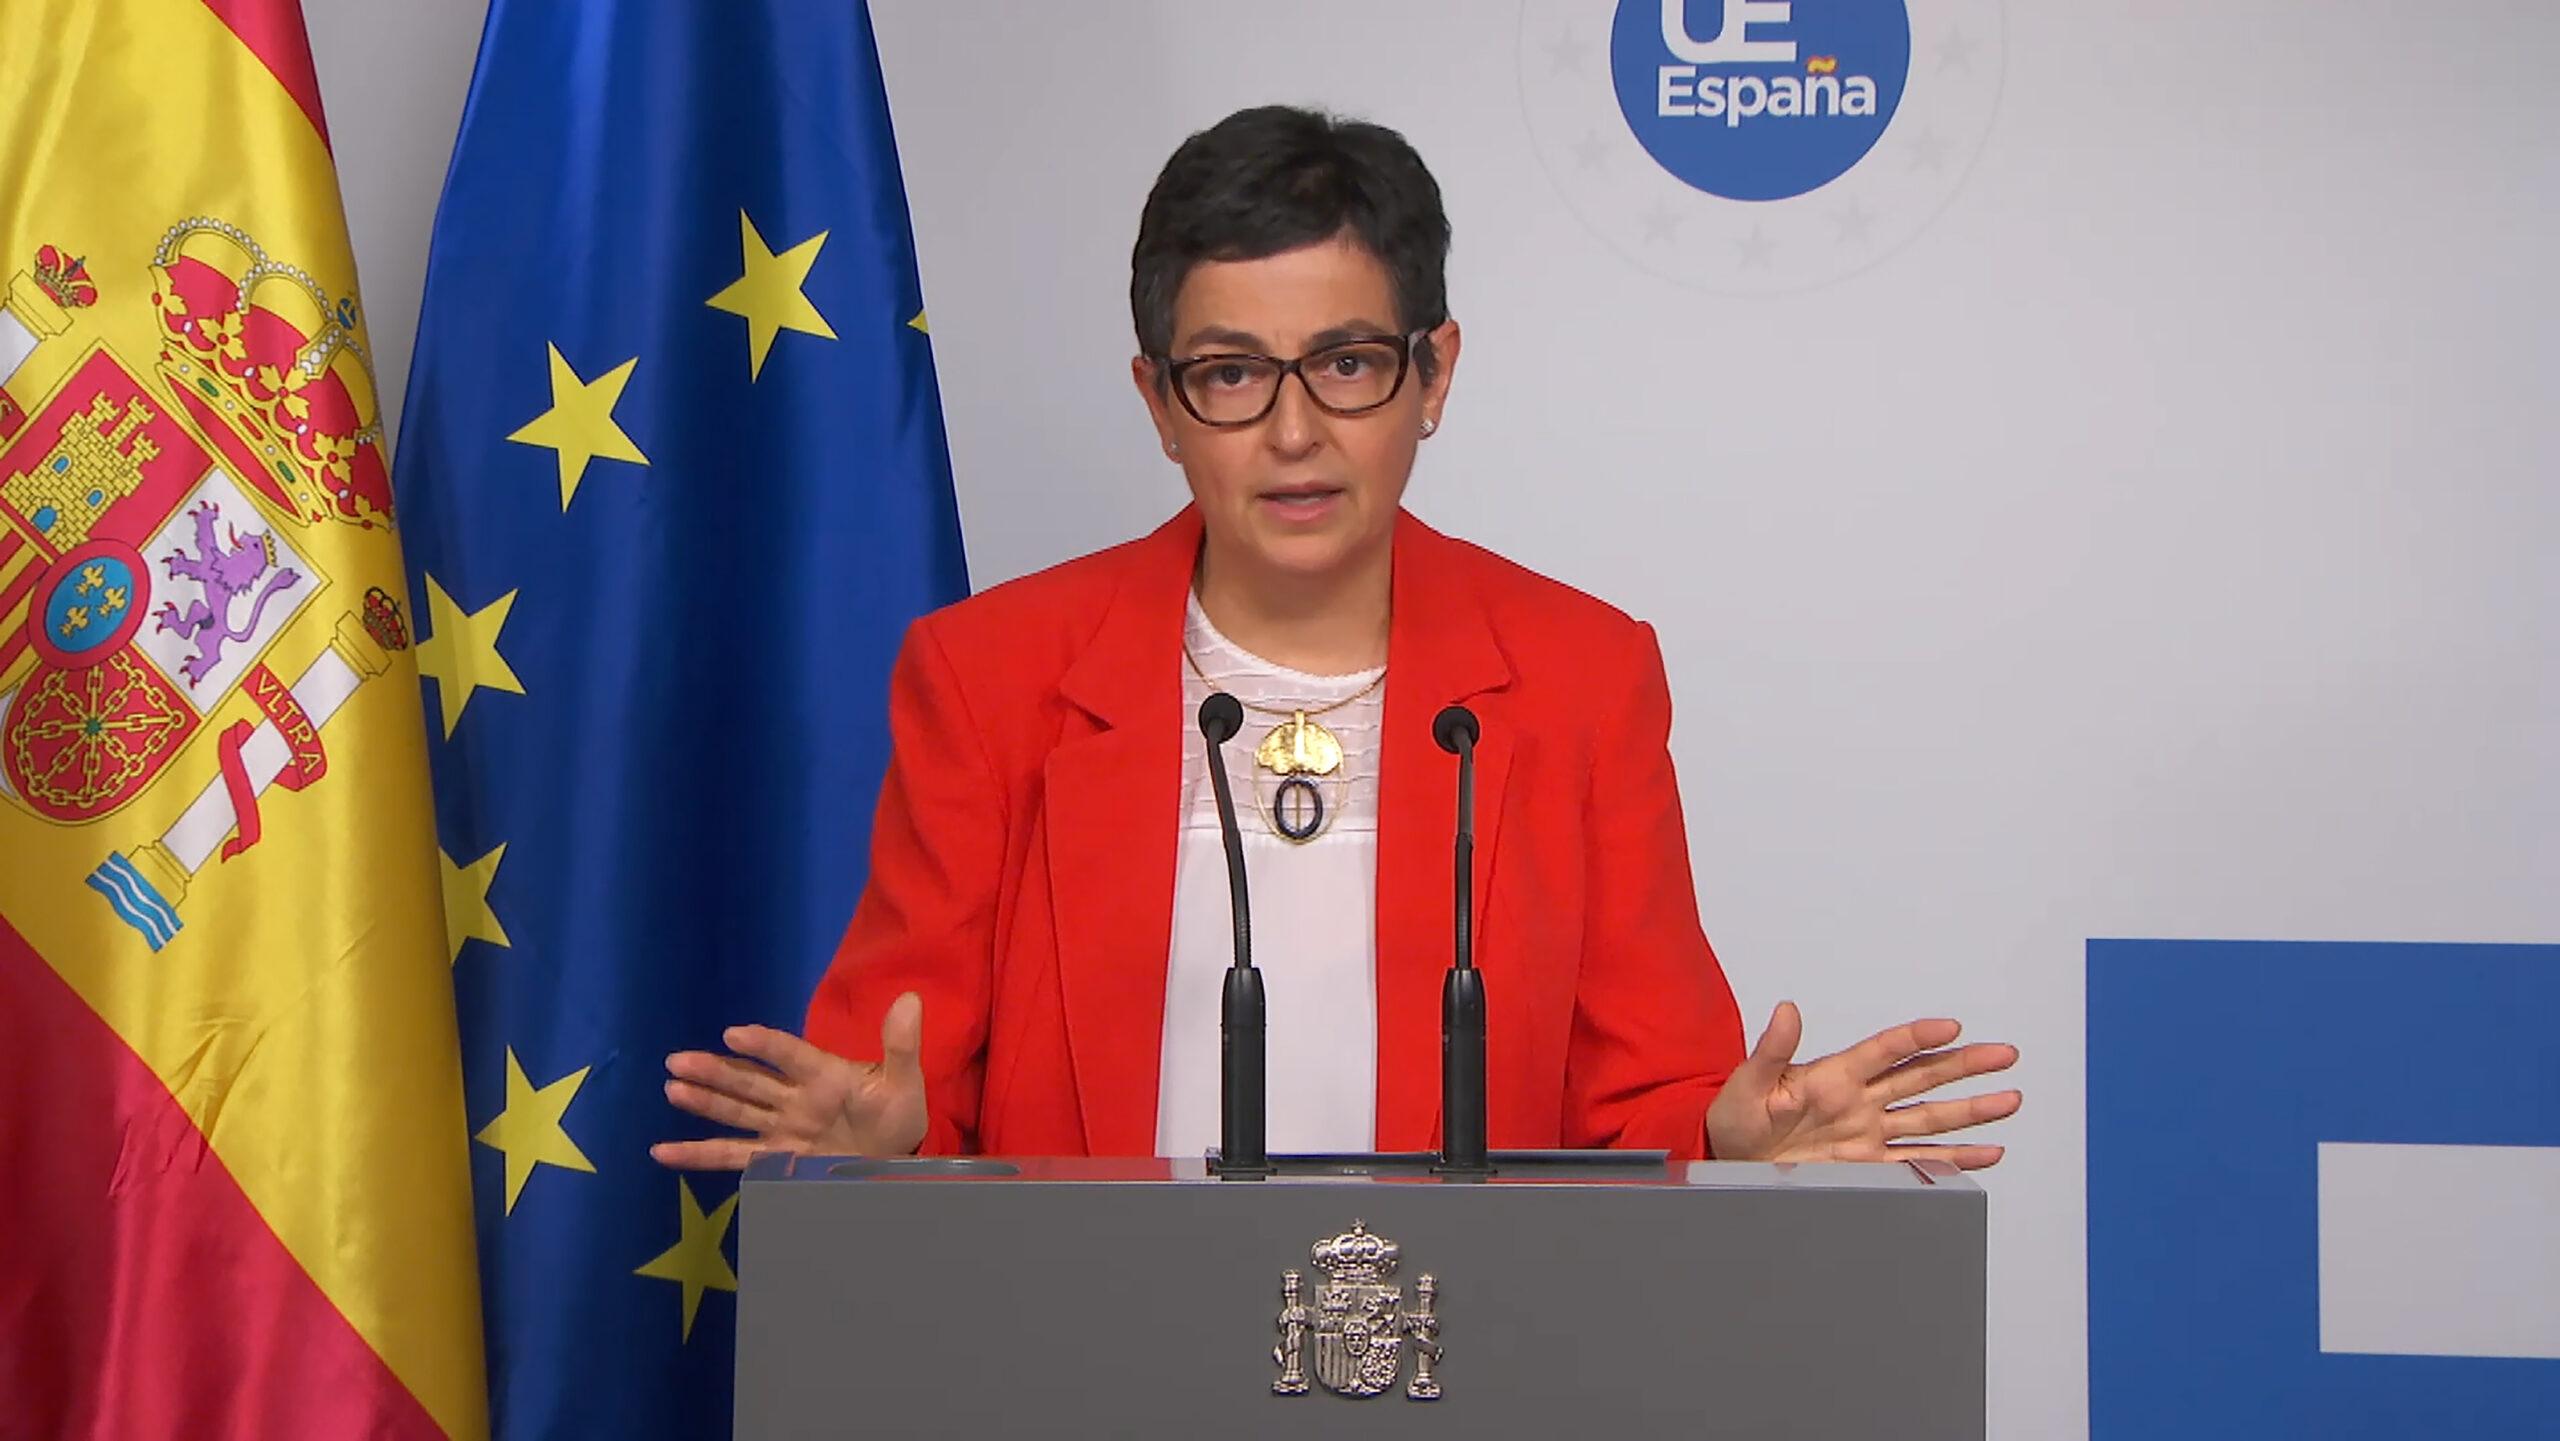 La ministra d'Exteriors, Arancha González Laya, durant una roda de premsa a Brussel·les el 13 de juliol del 2020 / ACN